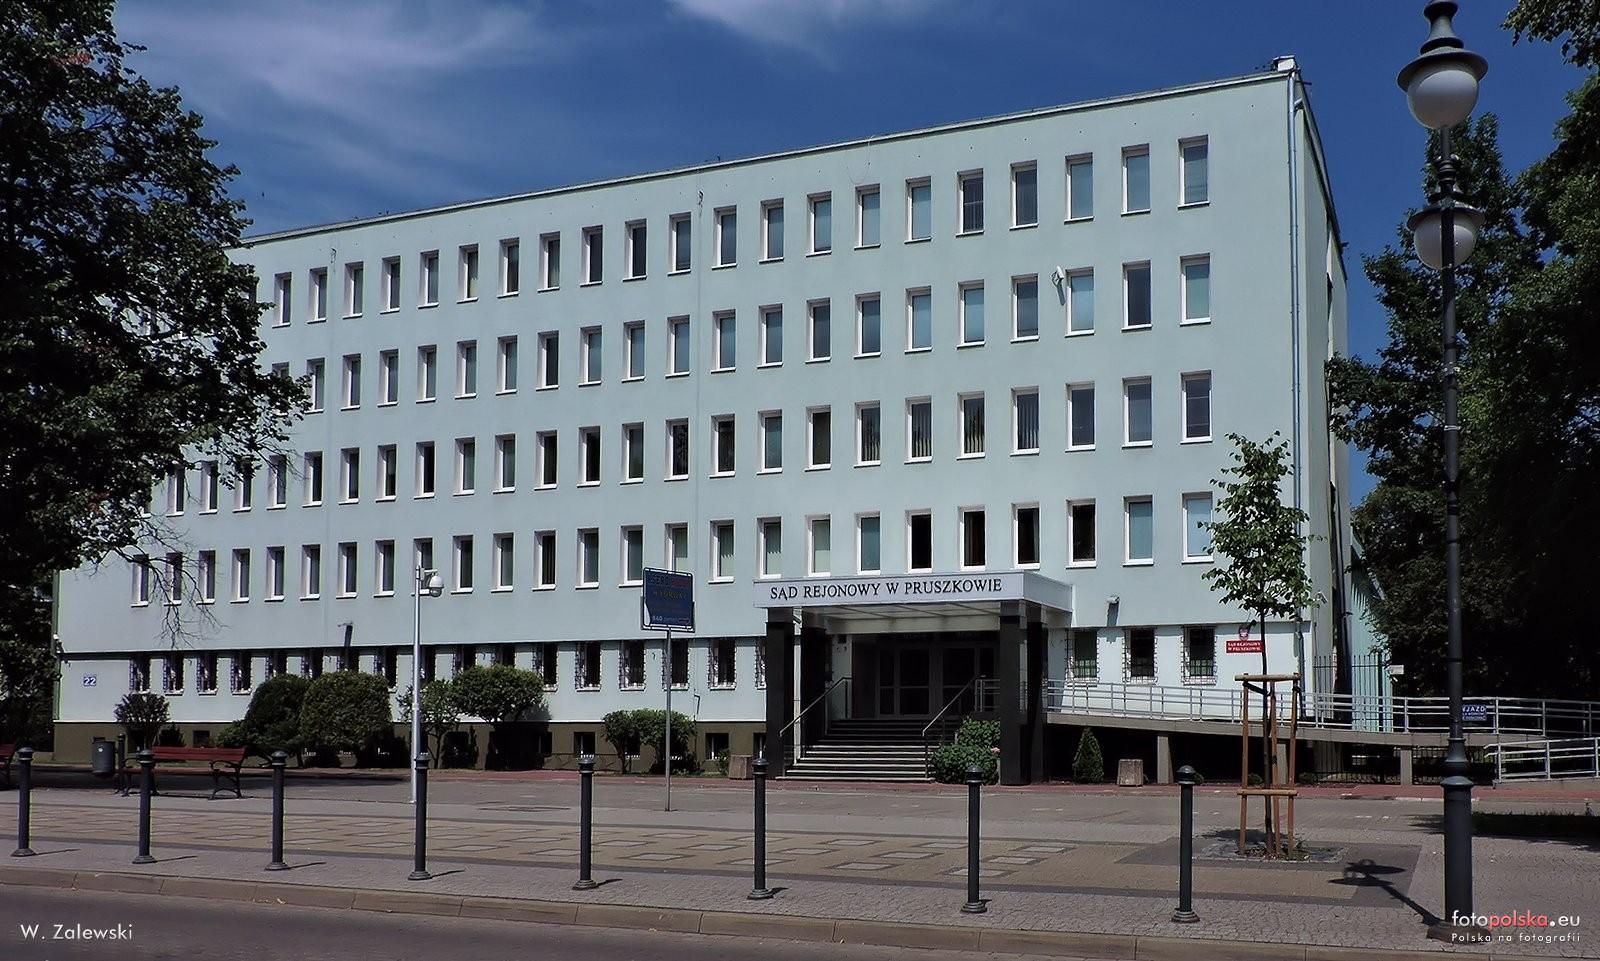 Sad Rejonowy W Pruszkowie.jpg